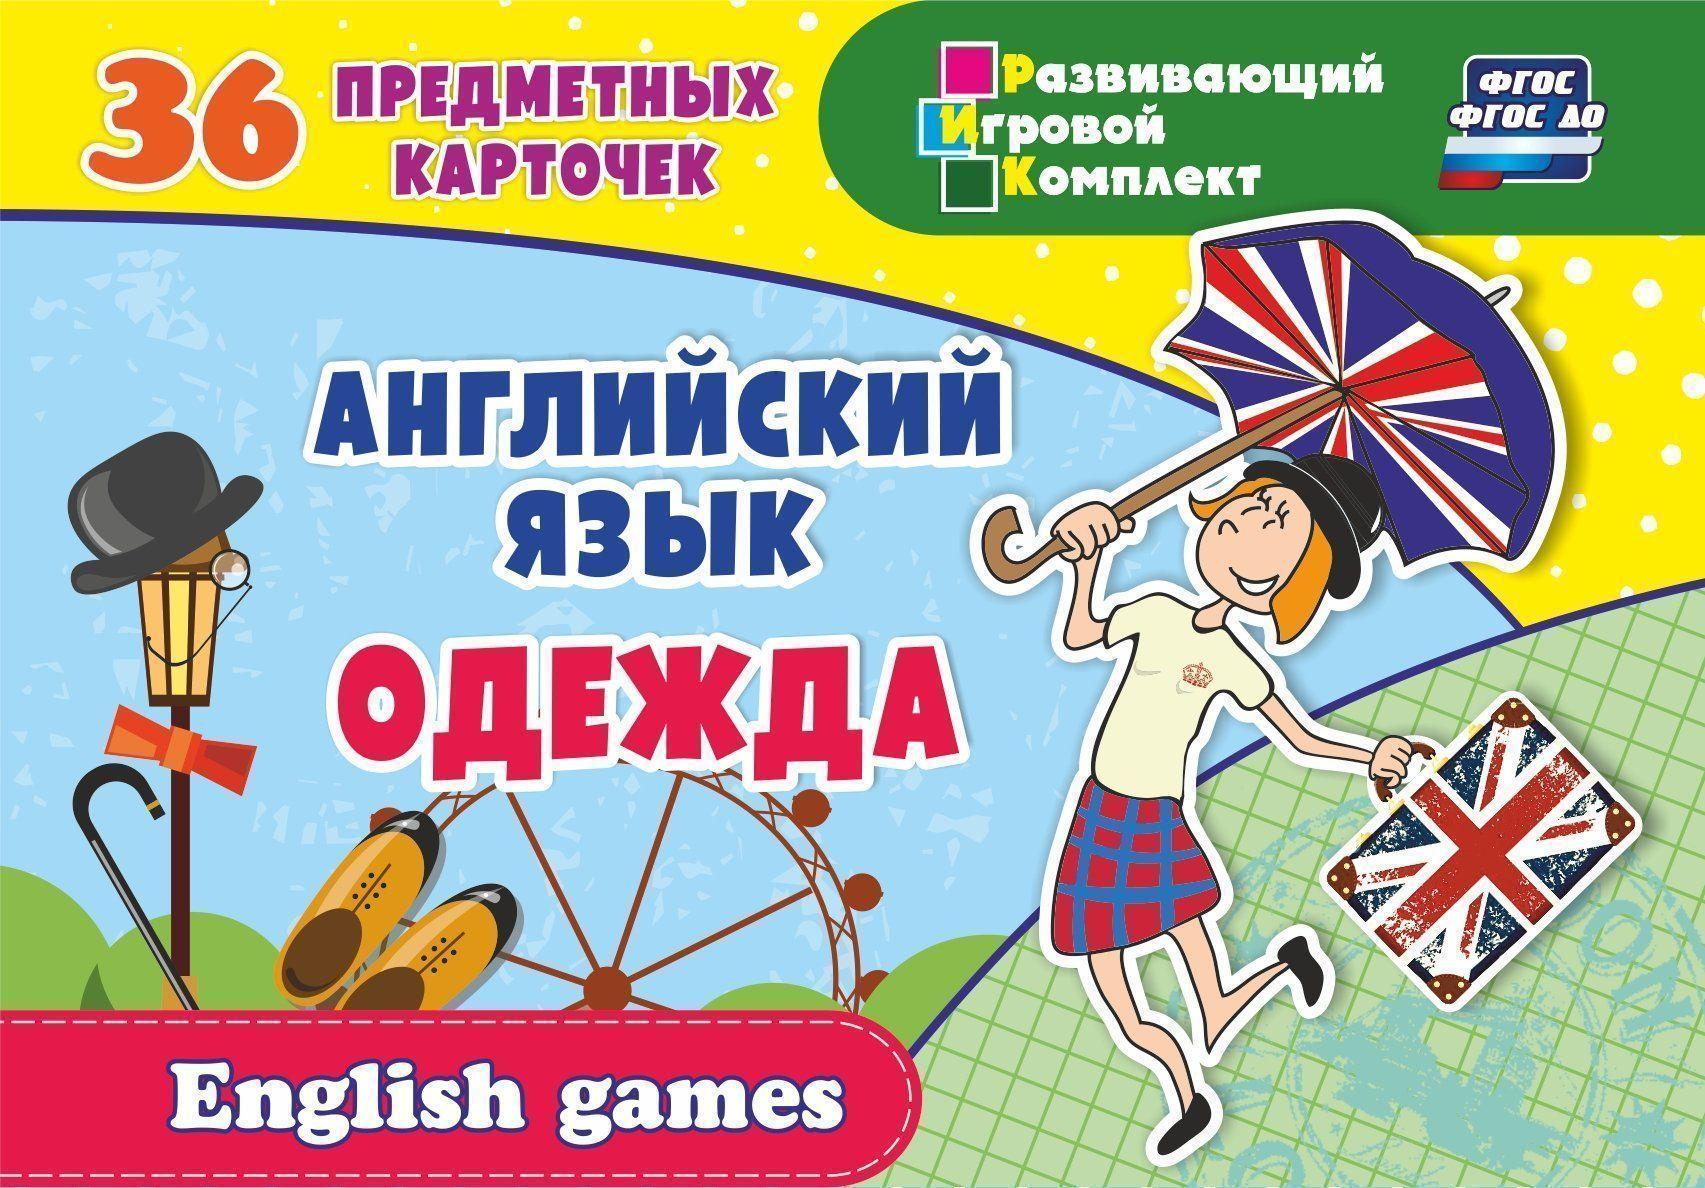 Английский язык. Одежда: 36 предметных карточек, инструкция с играми